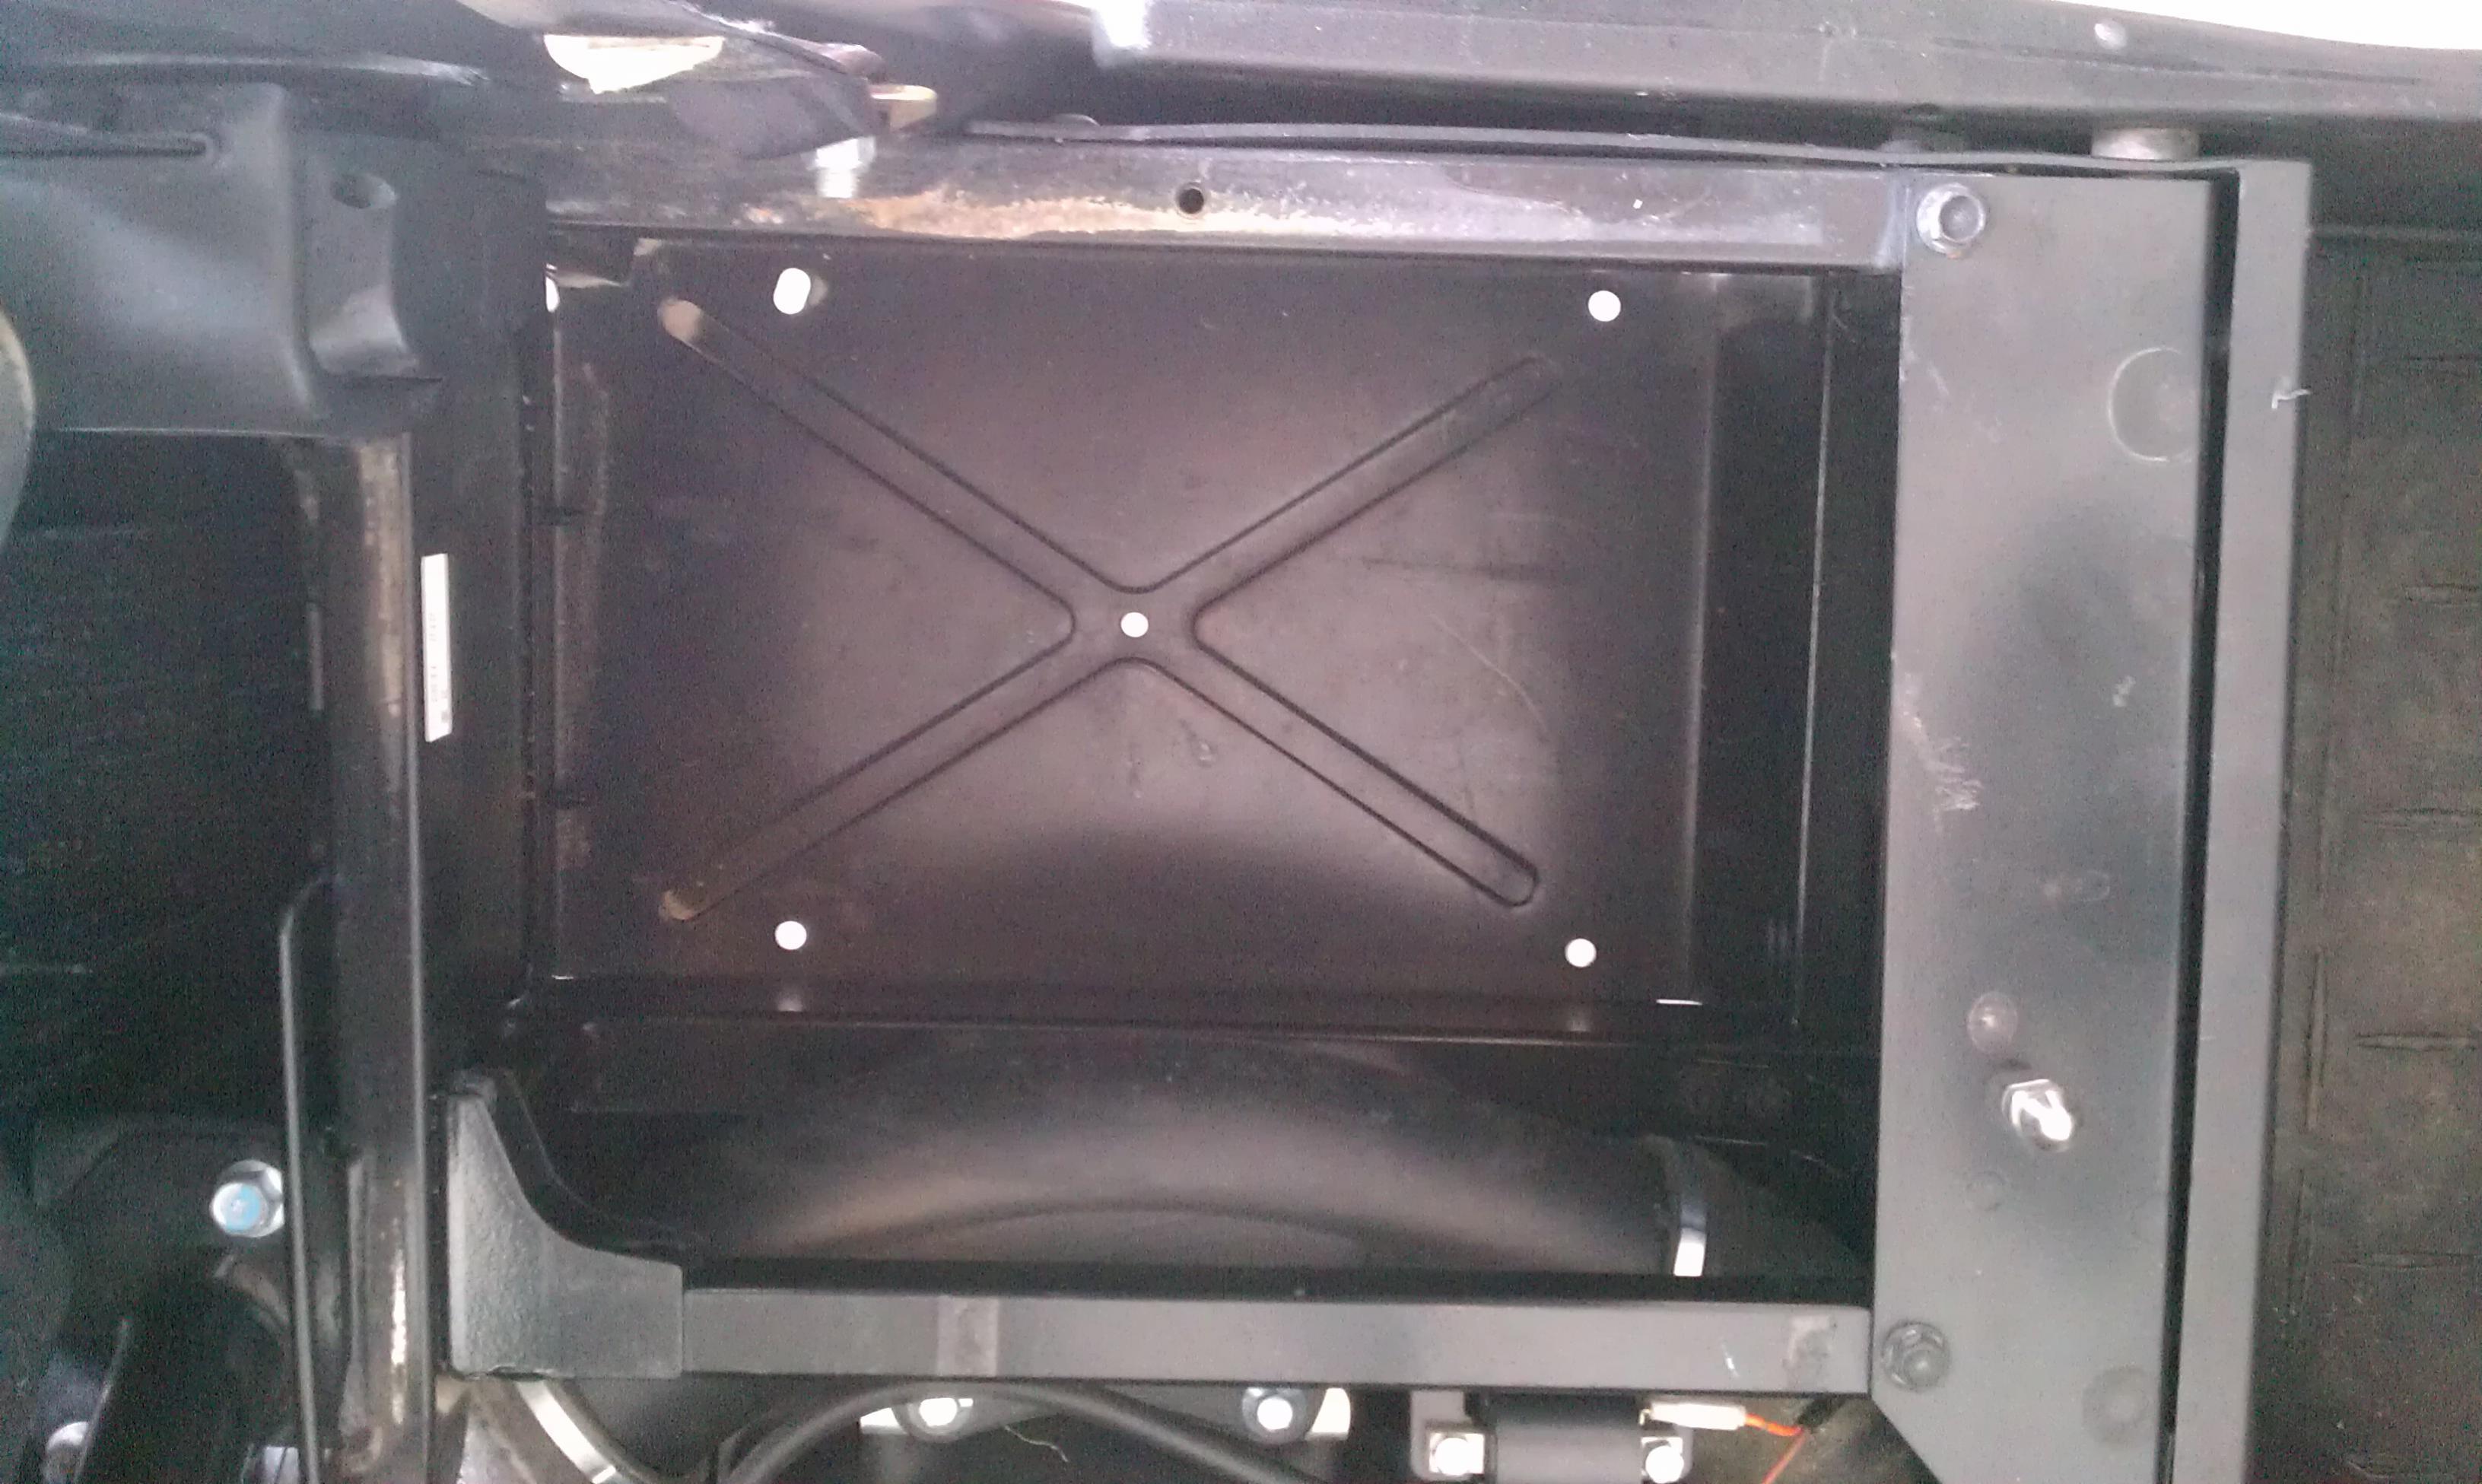 Under Seat Storage Under -imag0197.jpg